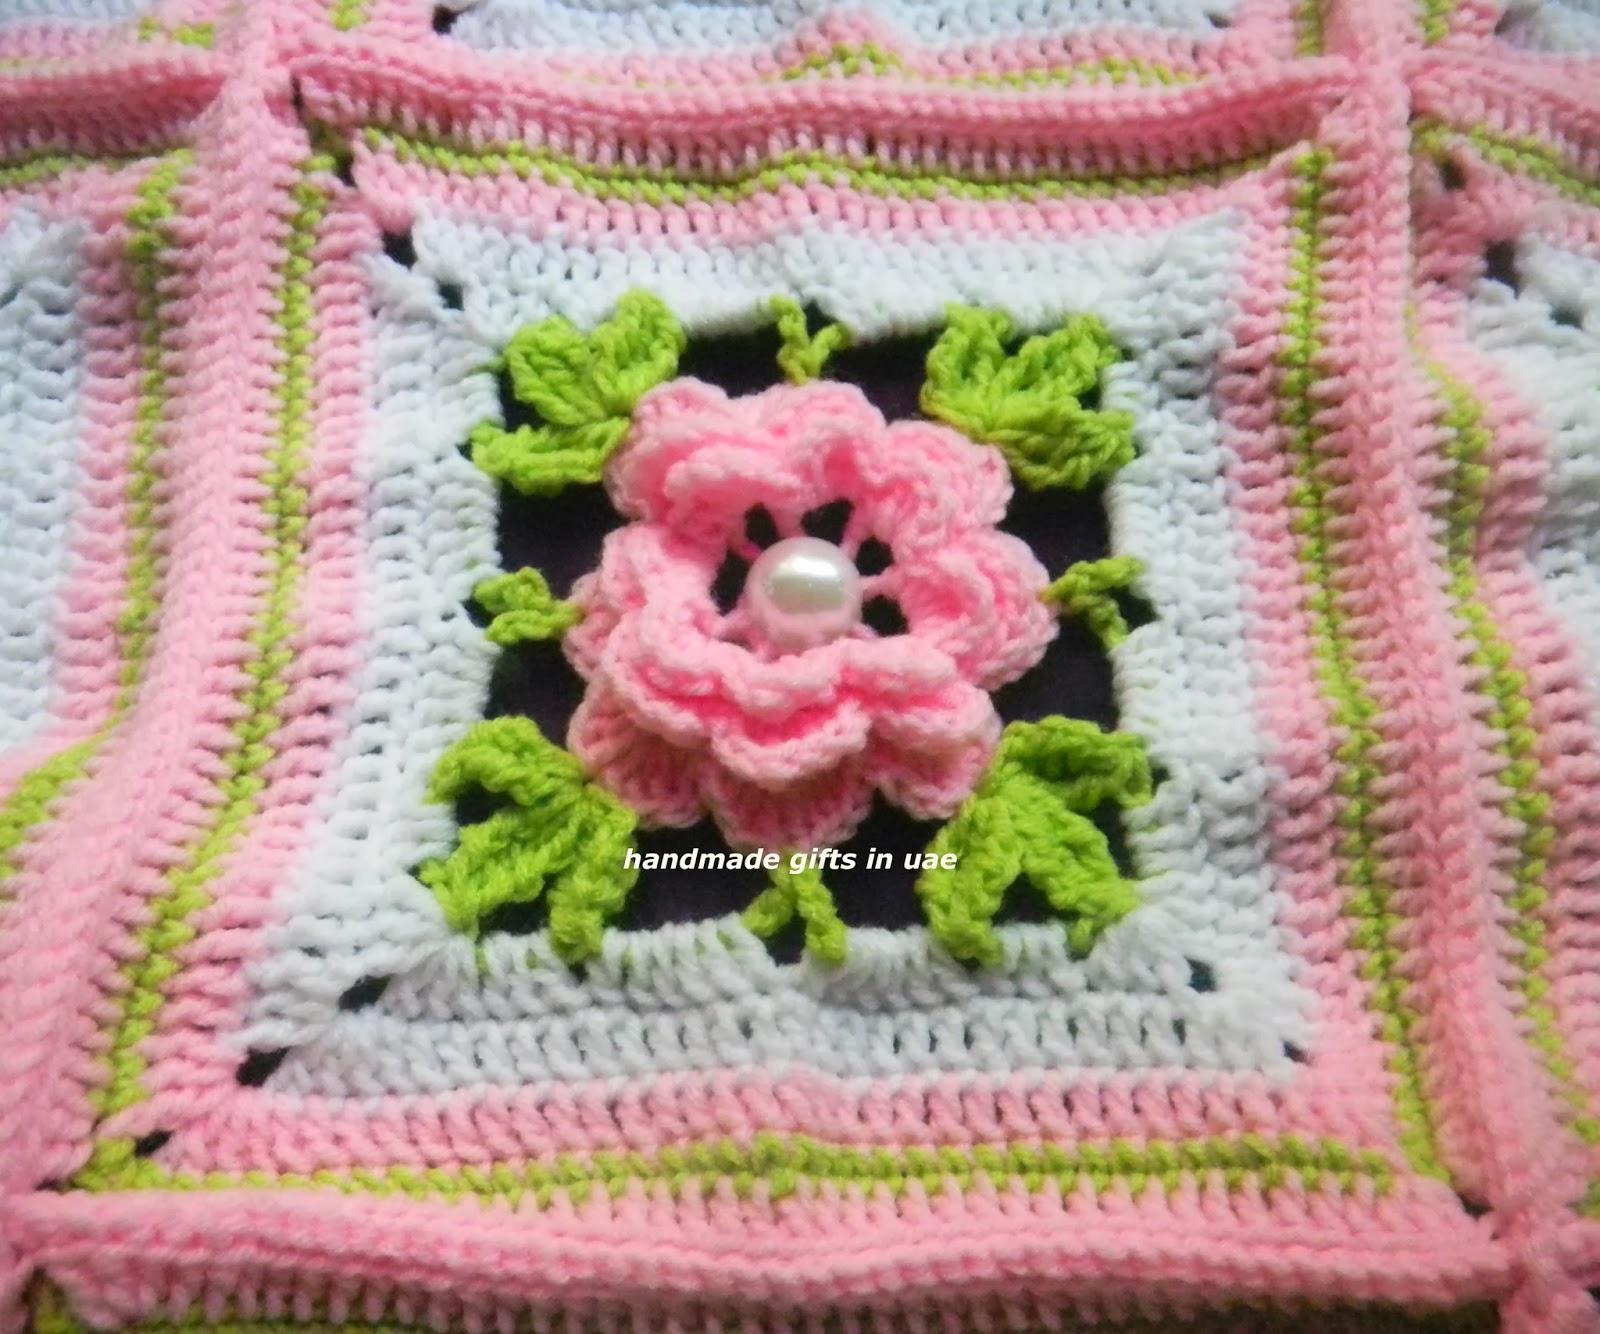 Crochet 3d Flower Baby Blanket Free Pattern : sandvicrochet: crochet 3D flower blanket